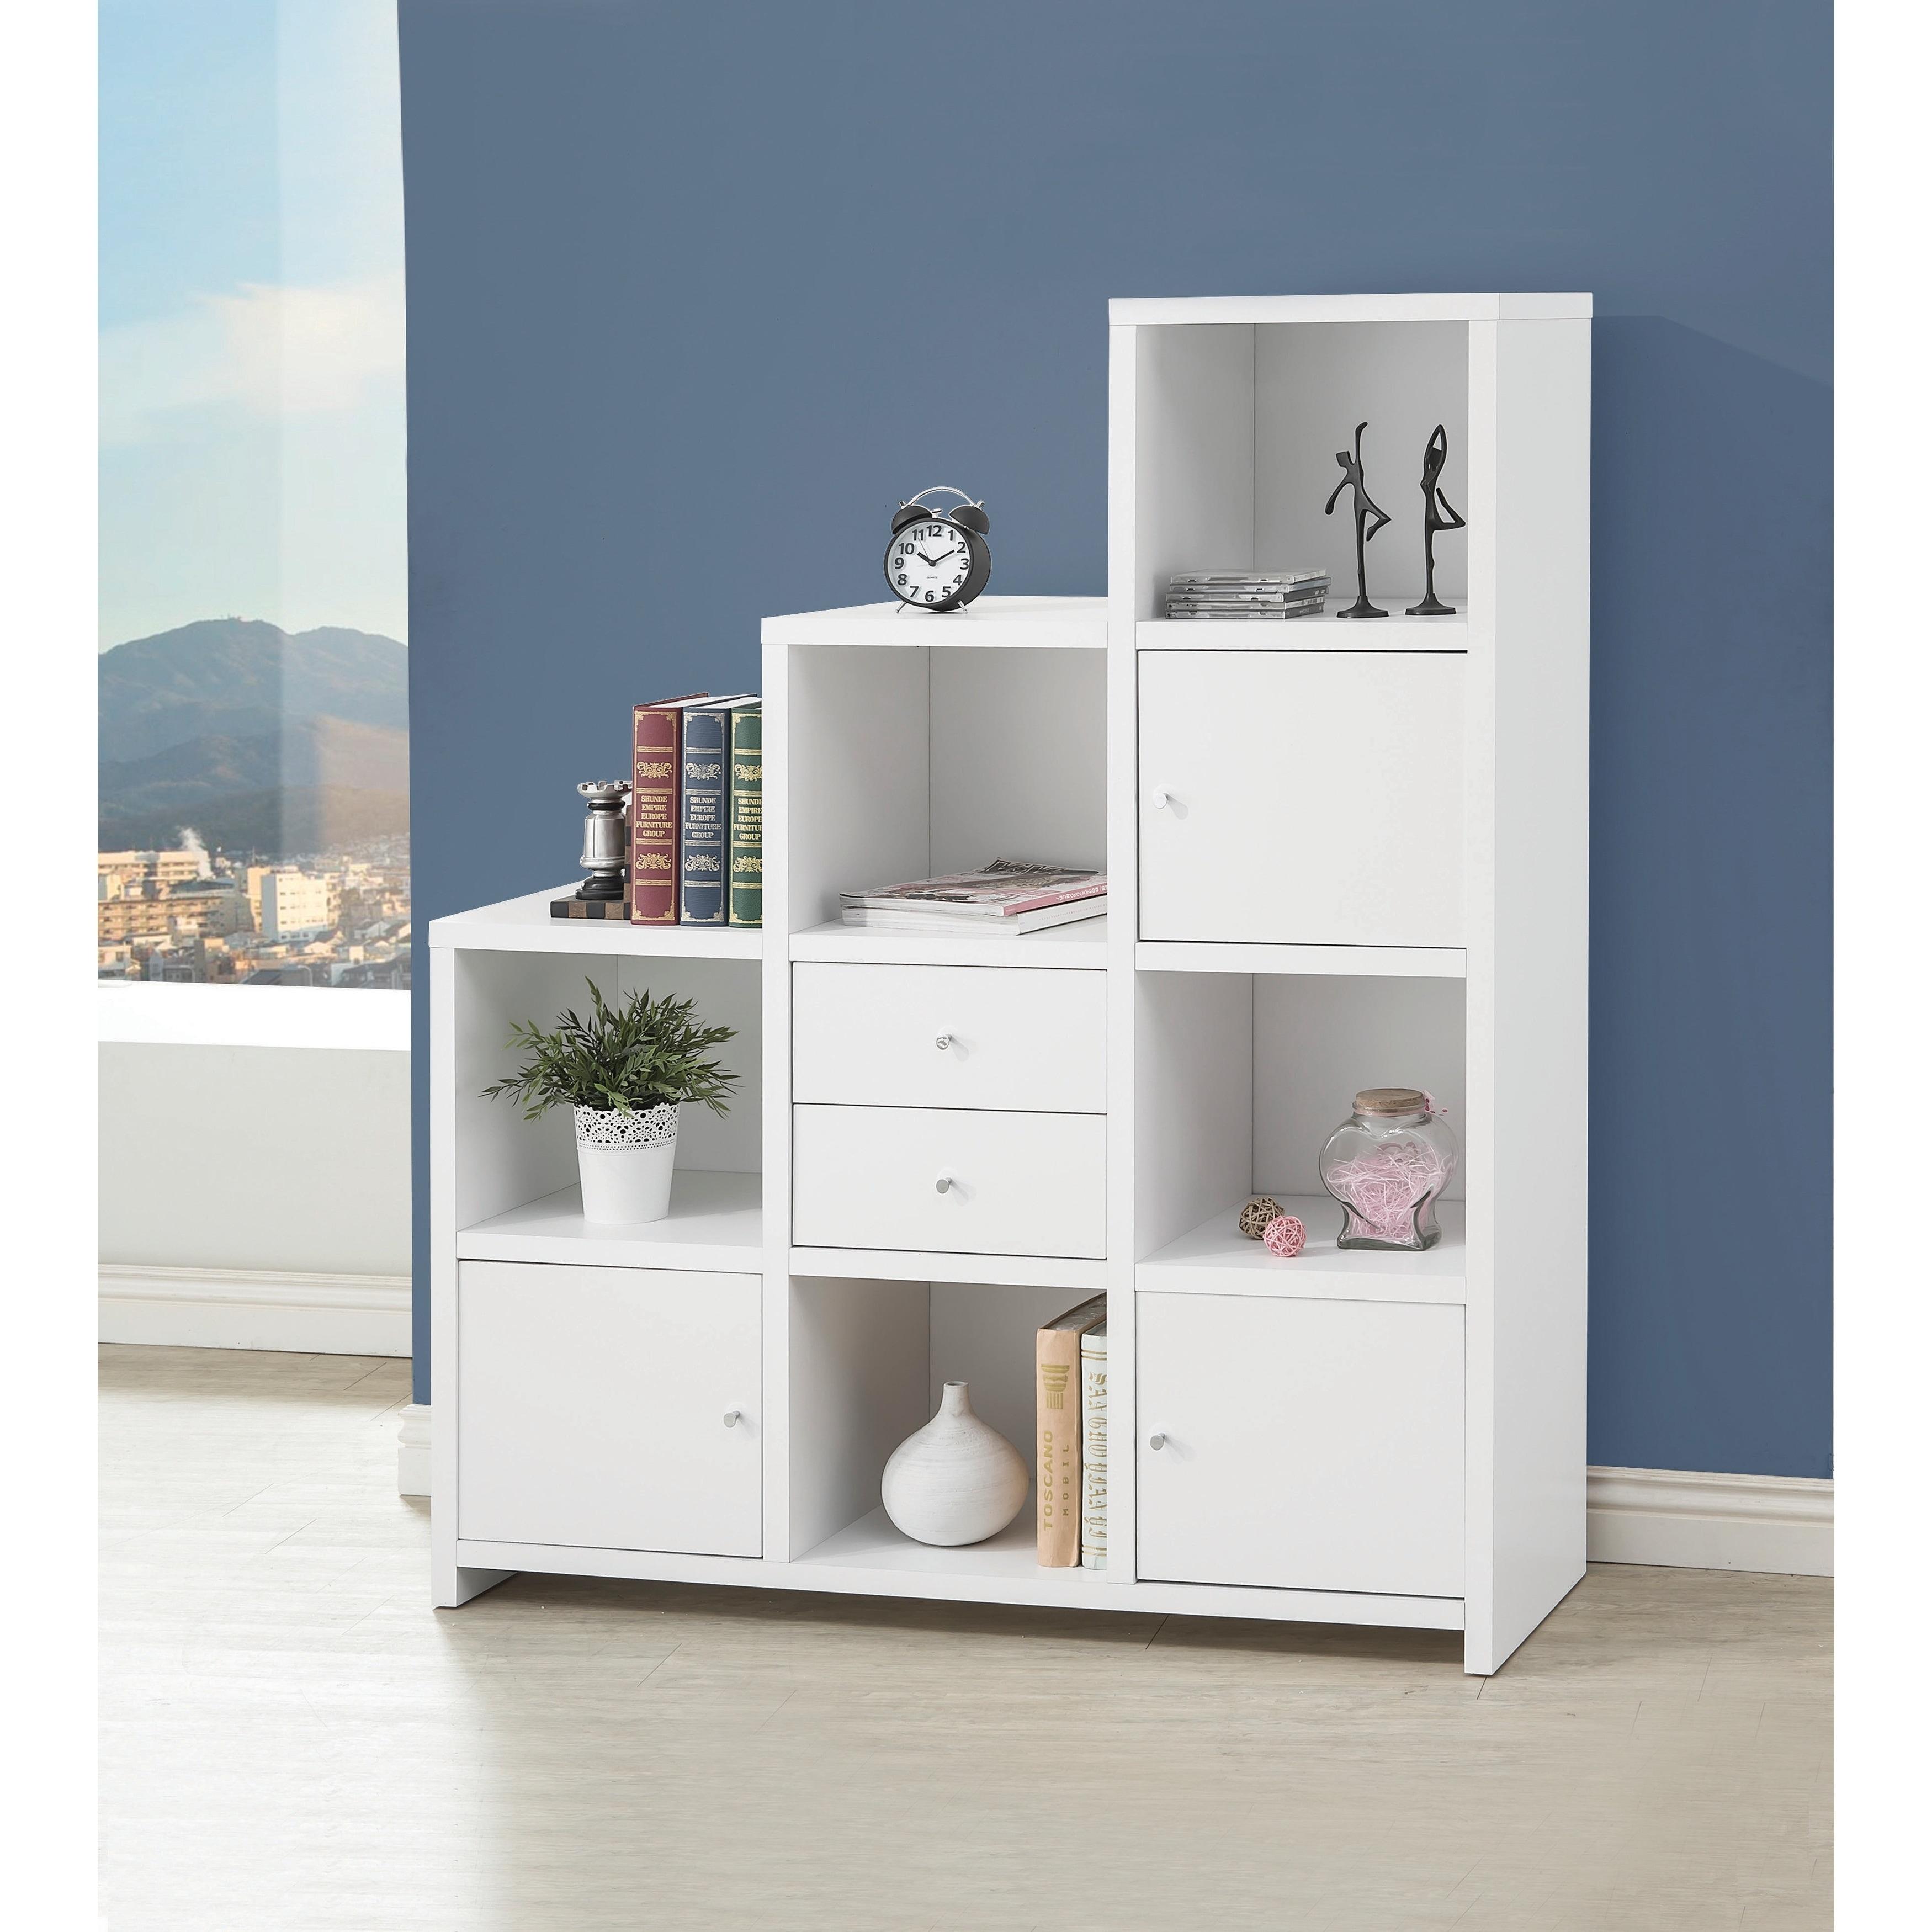 Contemporary White 5 Shelf Bookcase 50 X 15 25 X 63